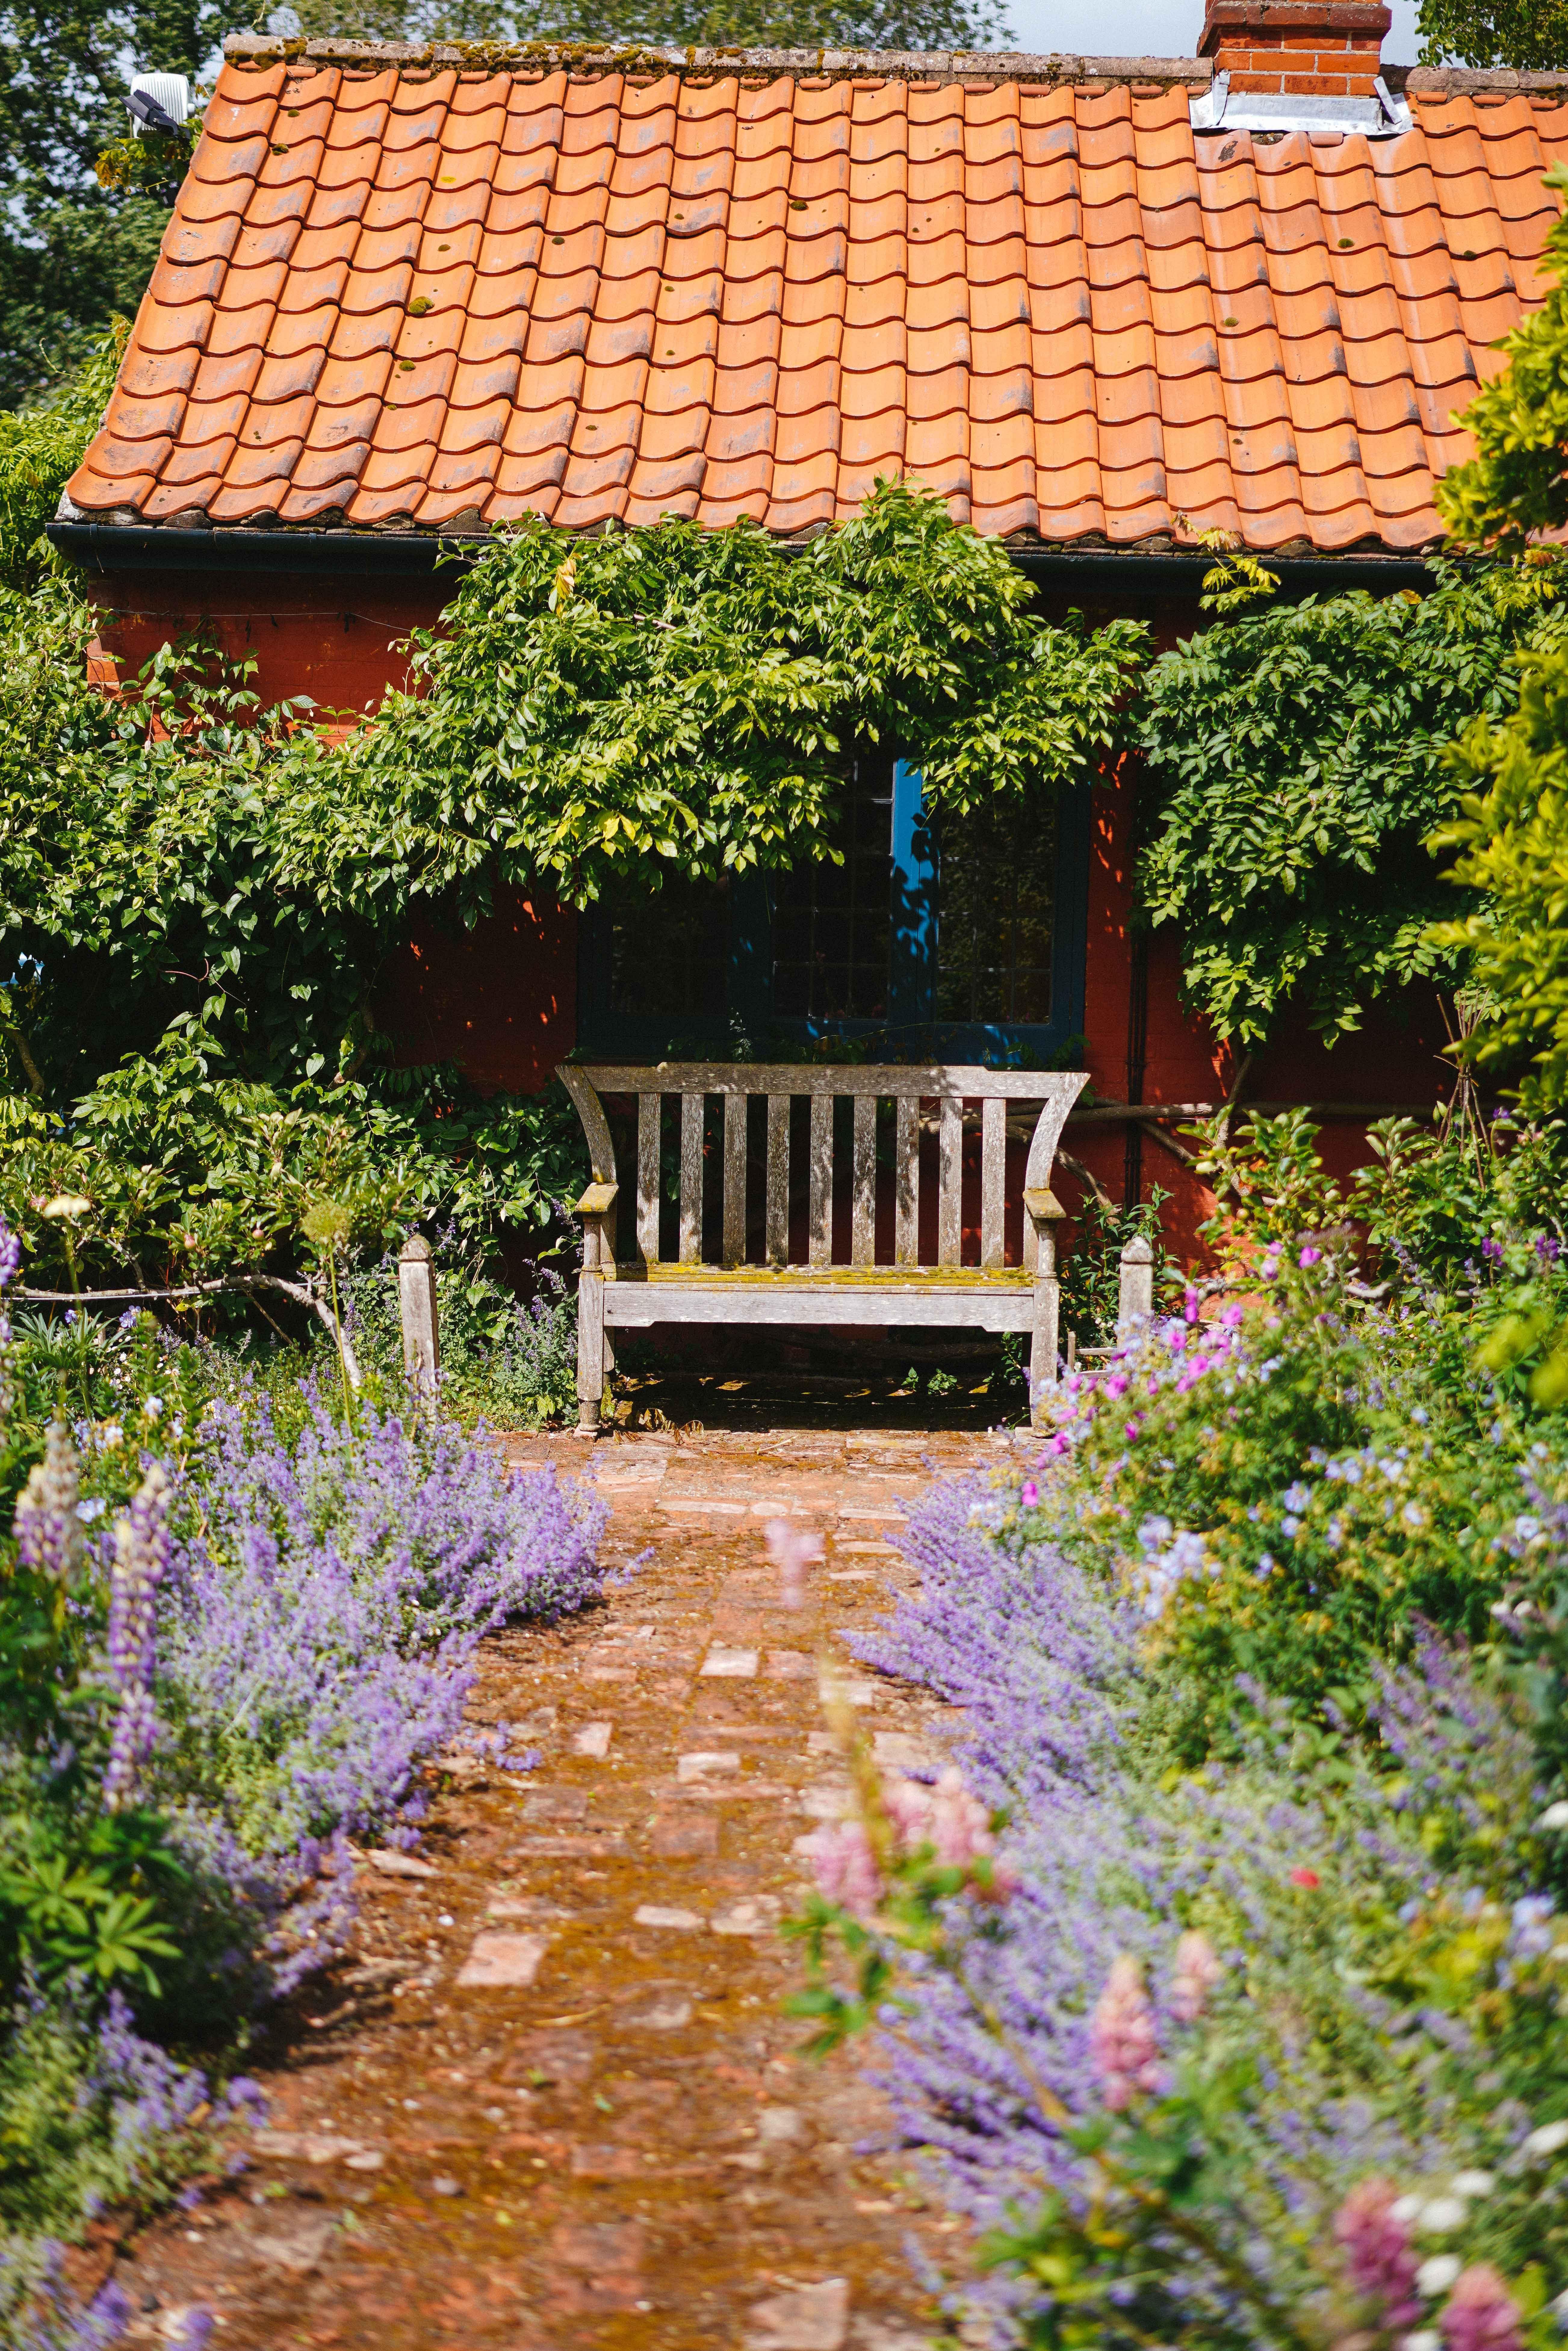 brown wooden bench near purple flowers